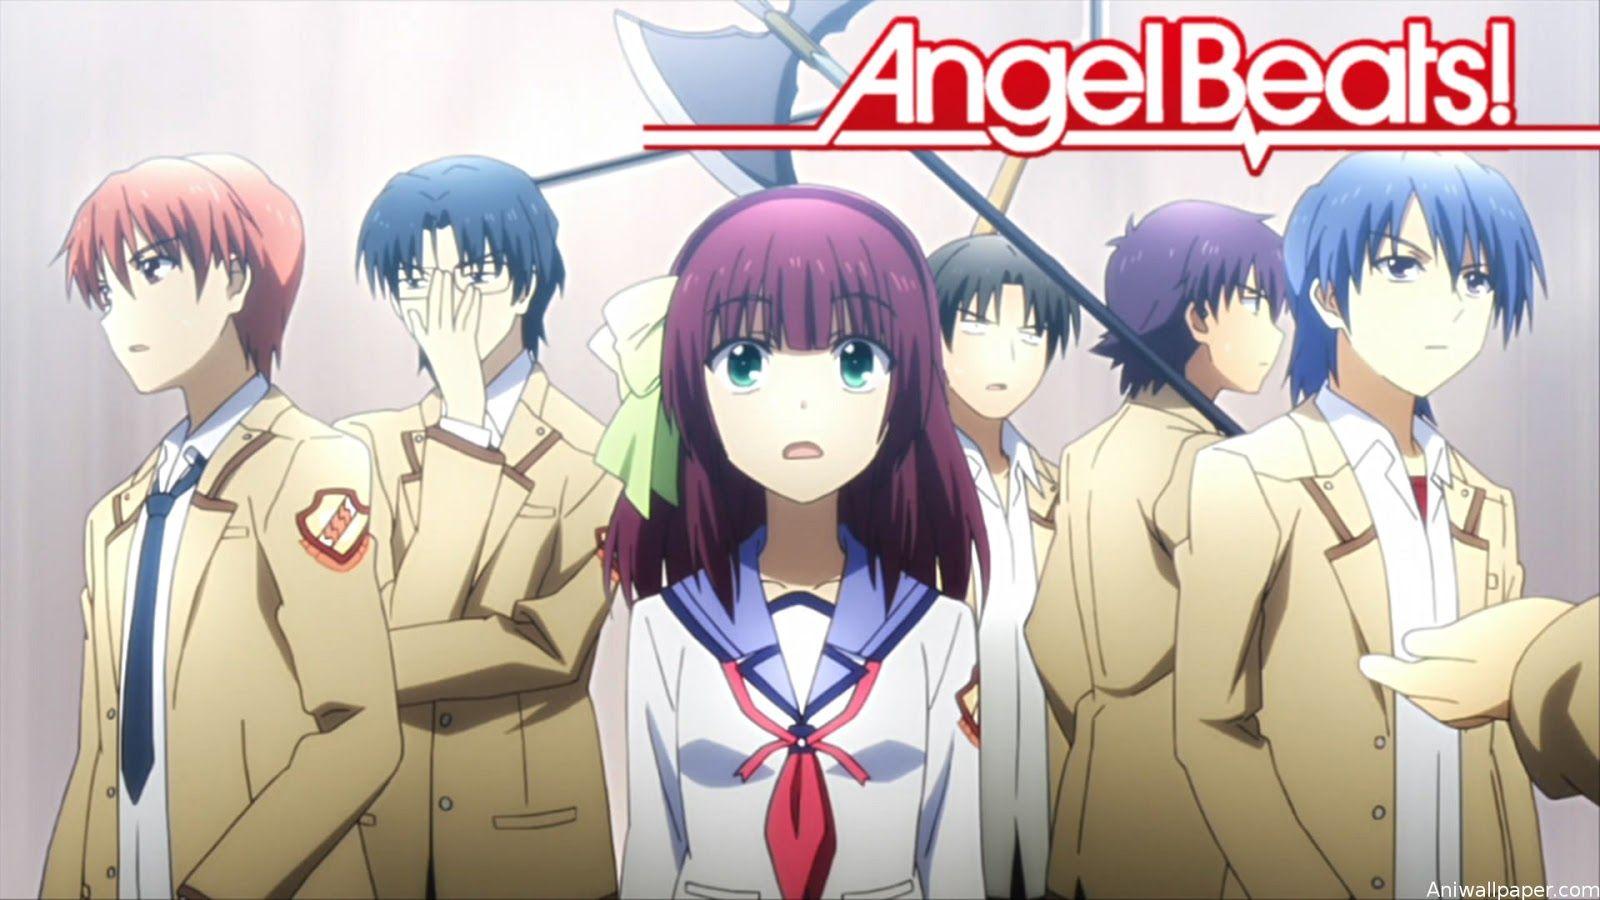 Siren Visual brings 'Angel Beats' to AnimeLab Streaming